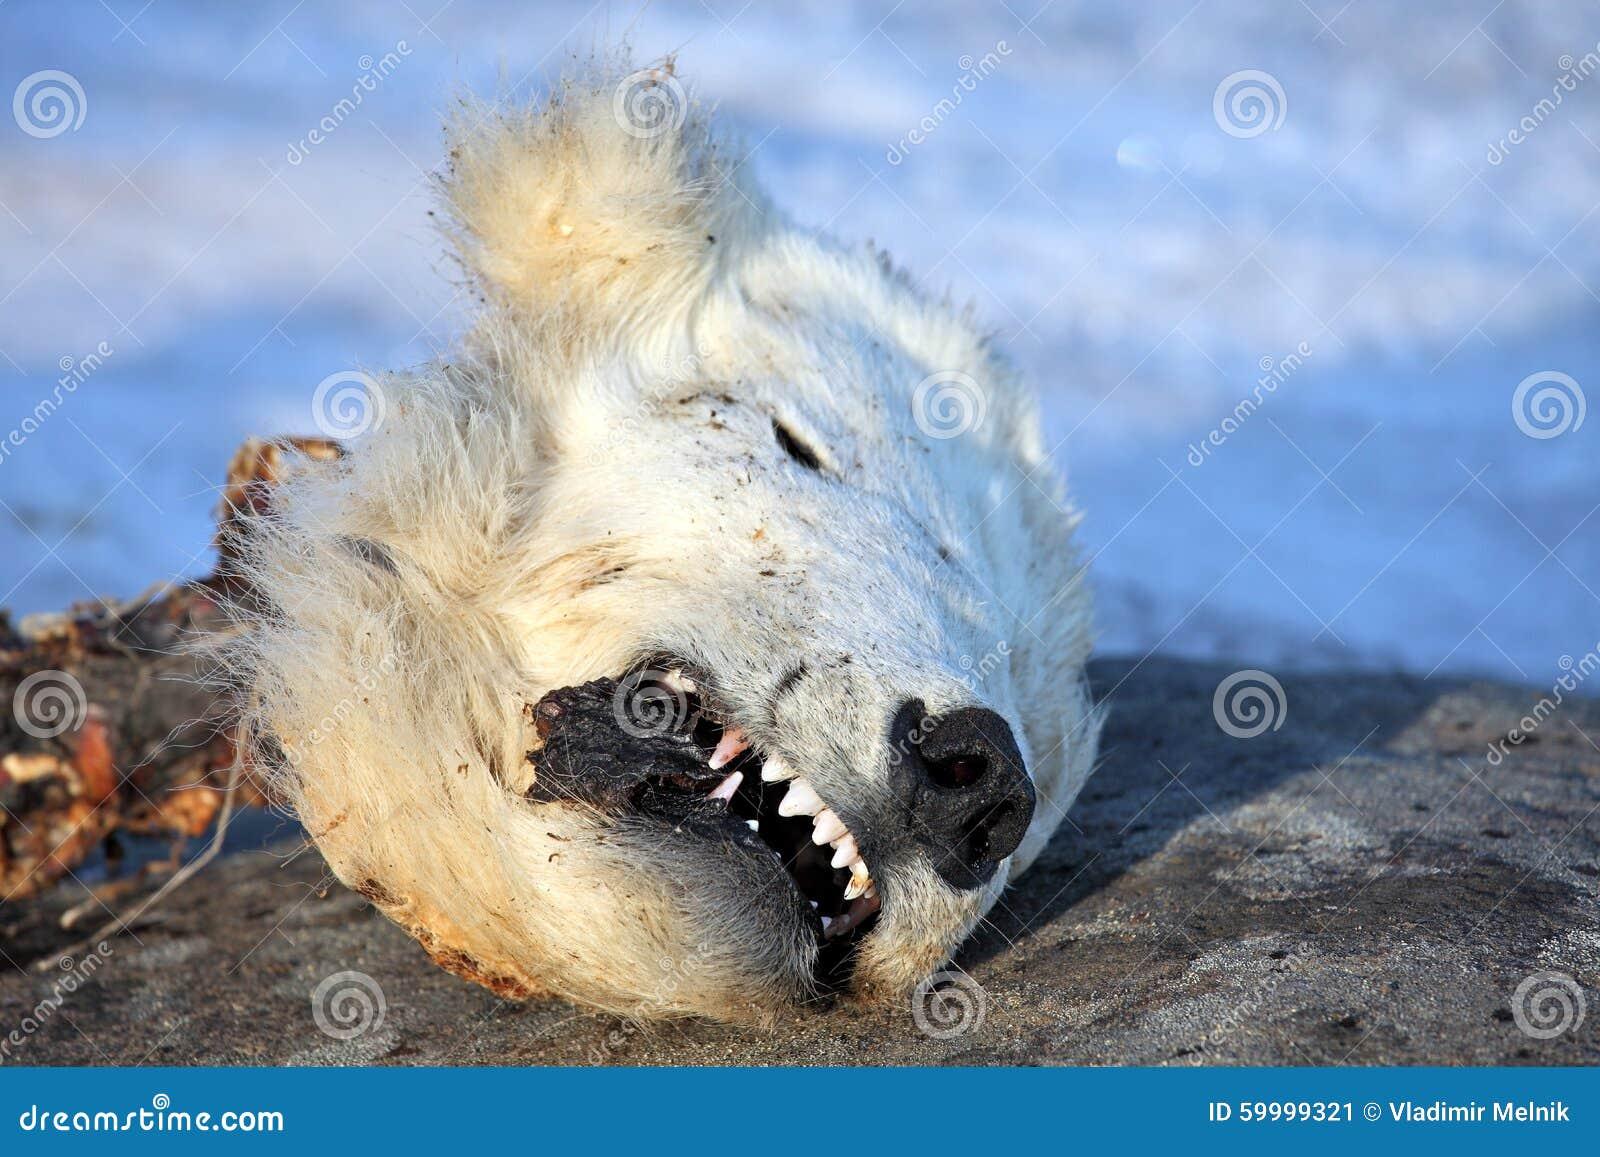 Head Of The Dead Polar Bear Stock Photo Image 59999321